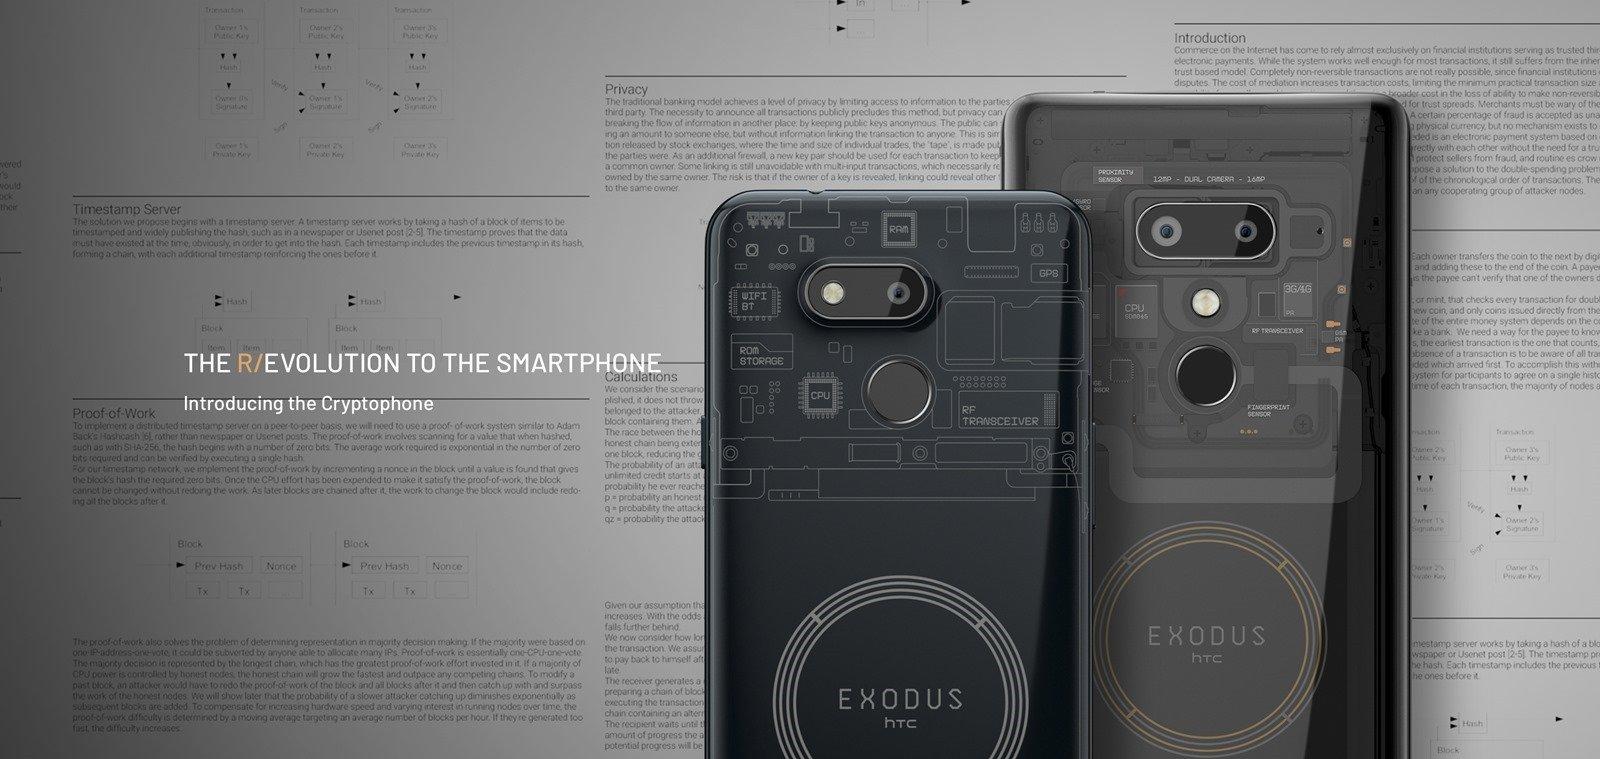 HTC 推出 EXODUS 1s 全球首款原生支援完整比特幣節點的智慧型手機 @3C 達人廖阿輝